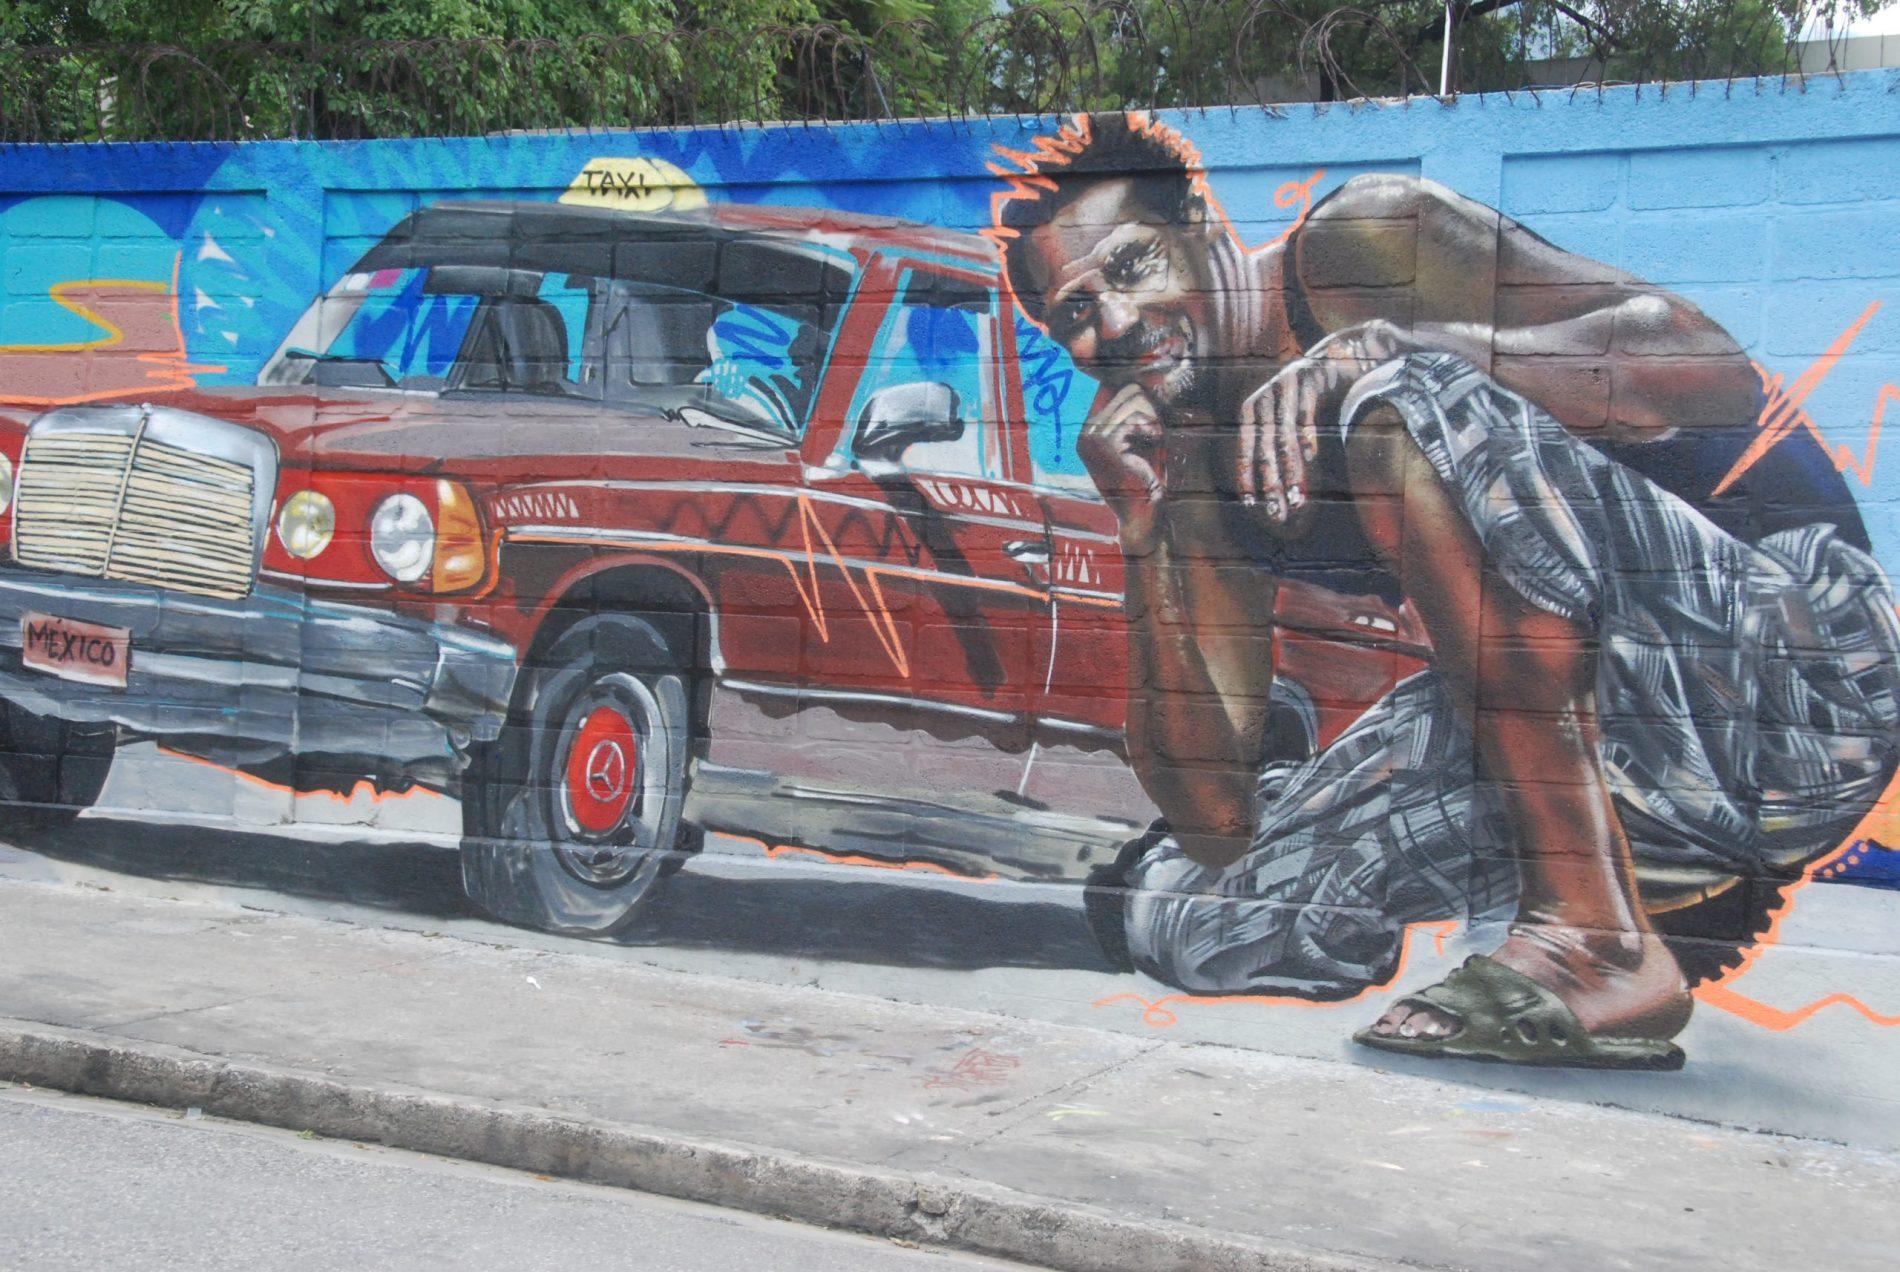 Le street art ne s'est pas laissé intimider par les barricades de Port-au-Prince